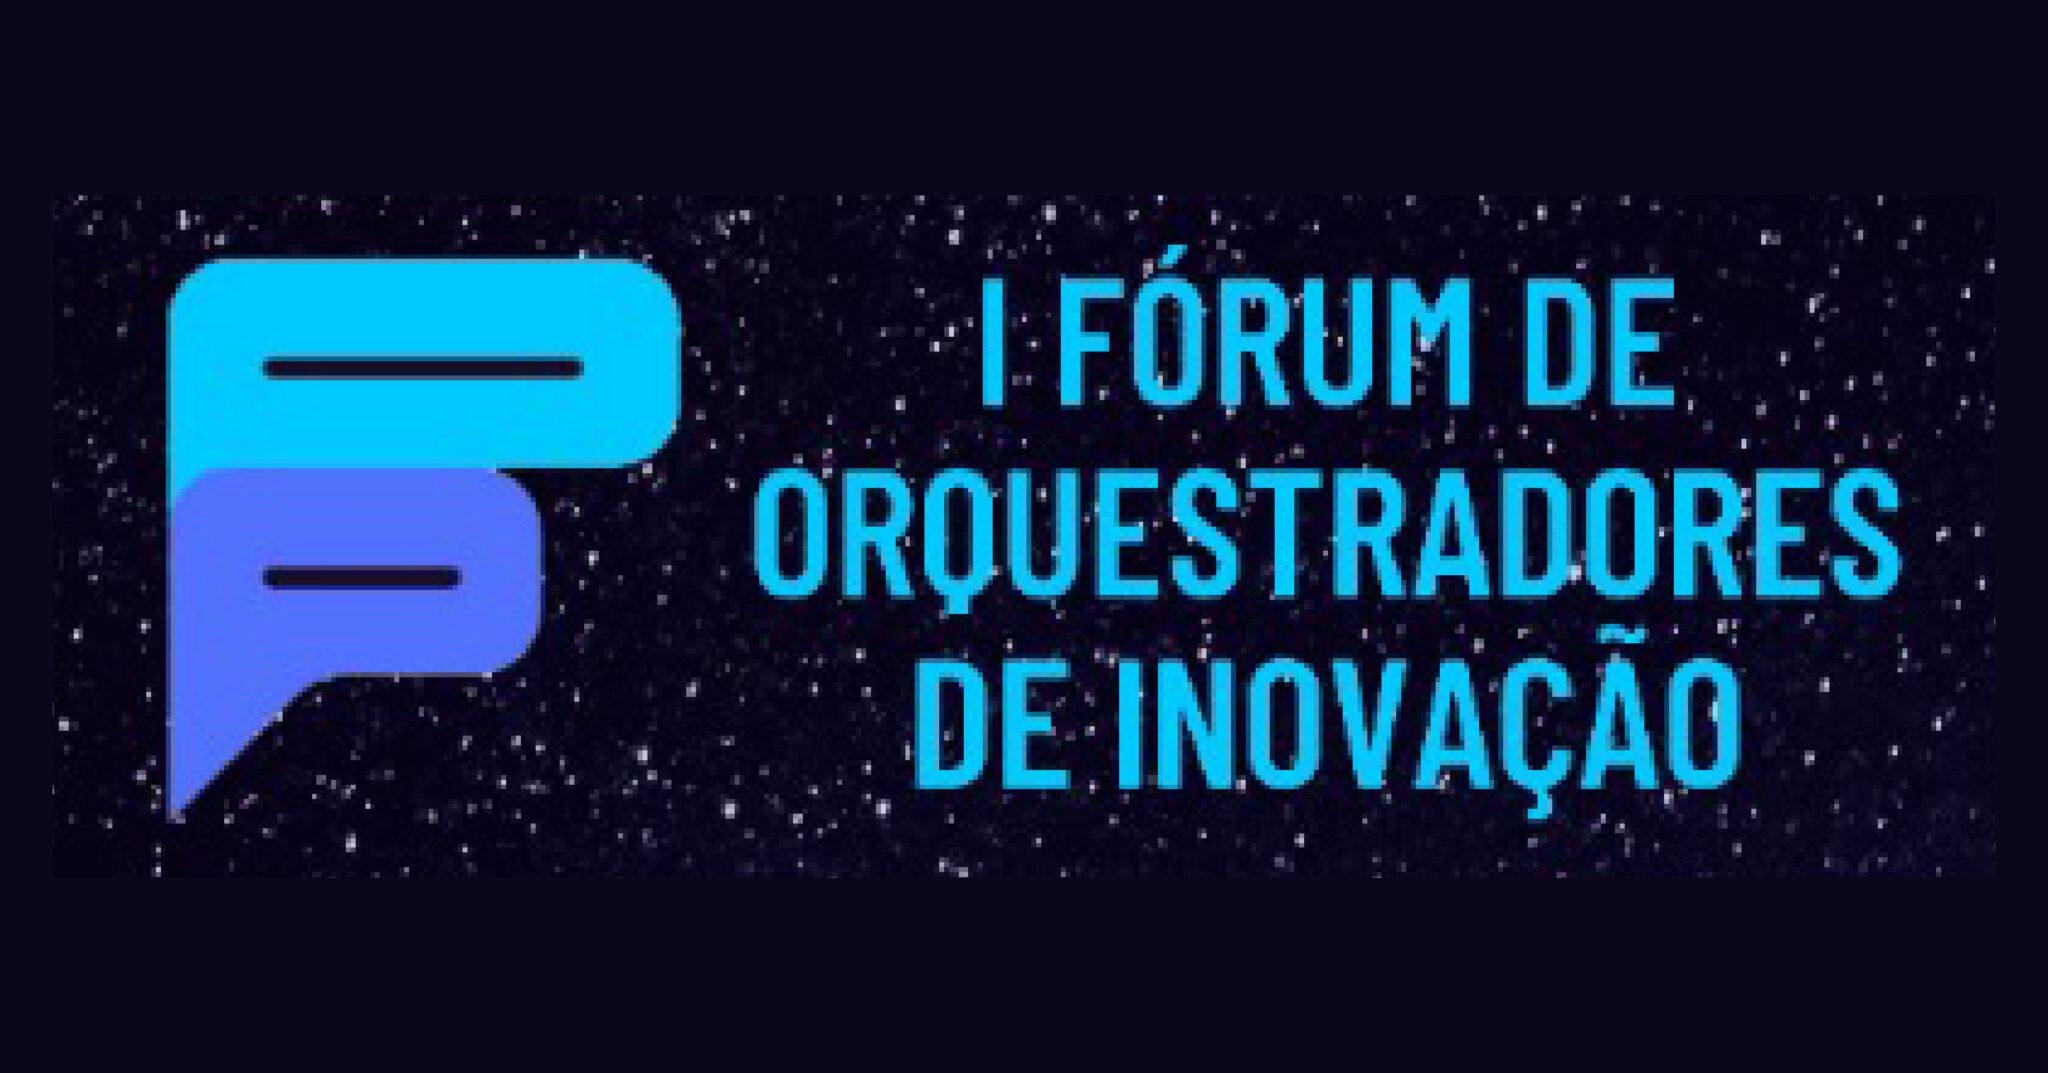 Fórum de Orquestradores de inovação